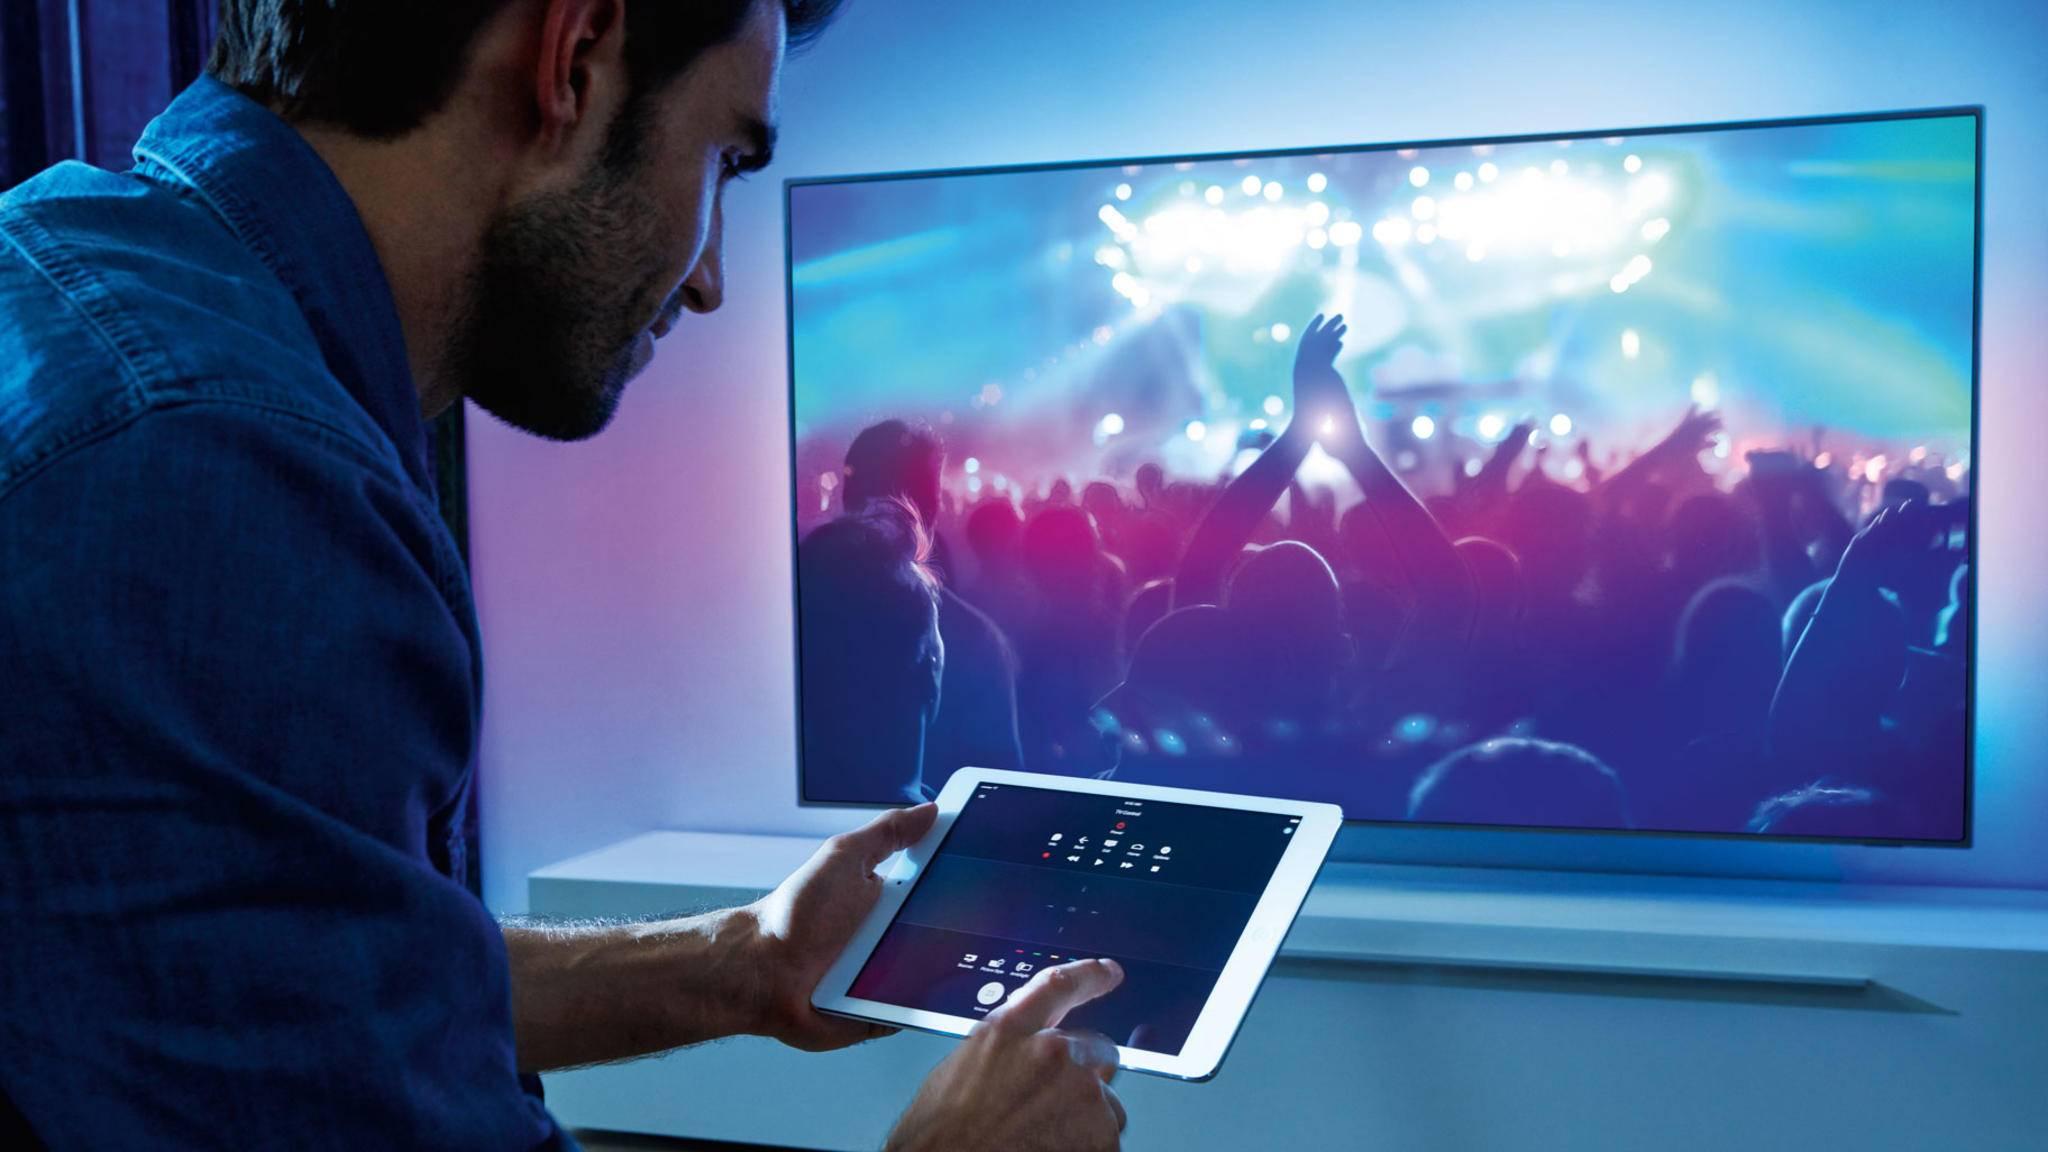 Tablet Auf Tv Spiegeln